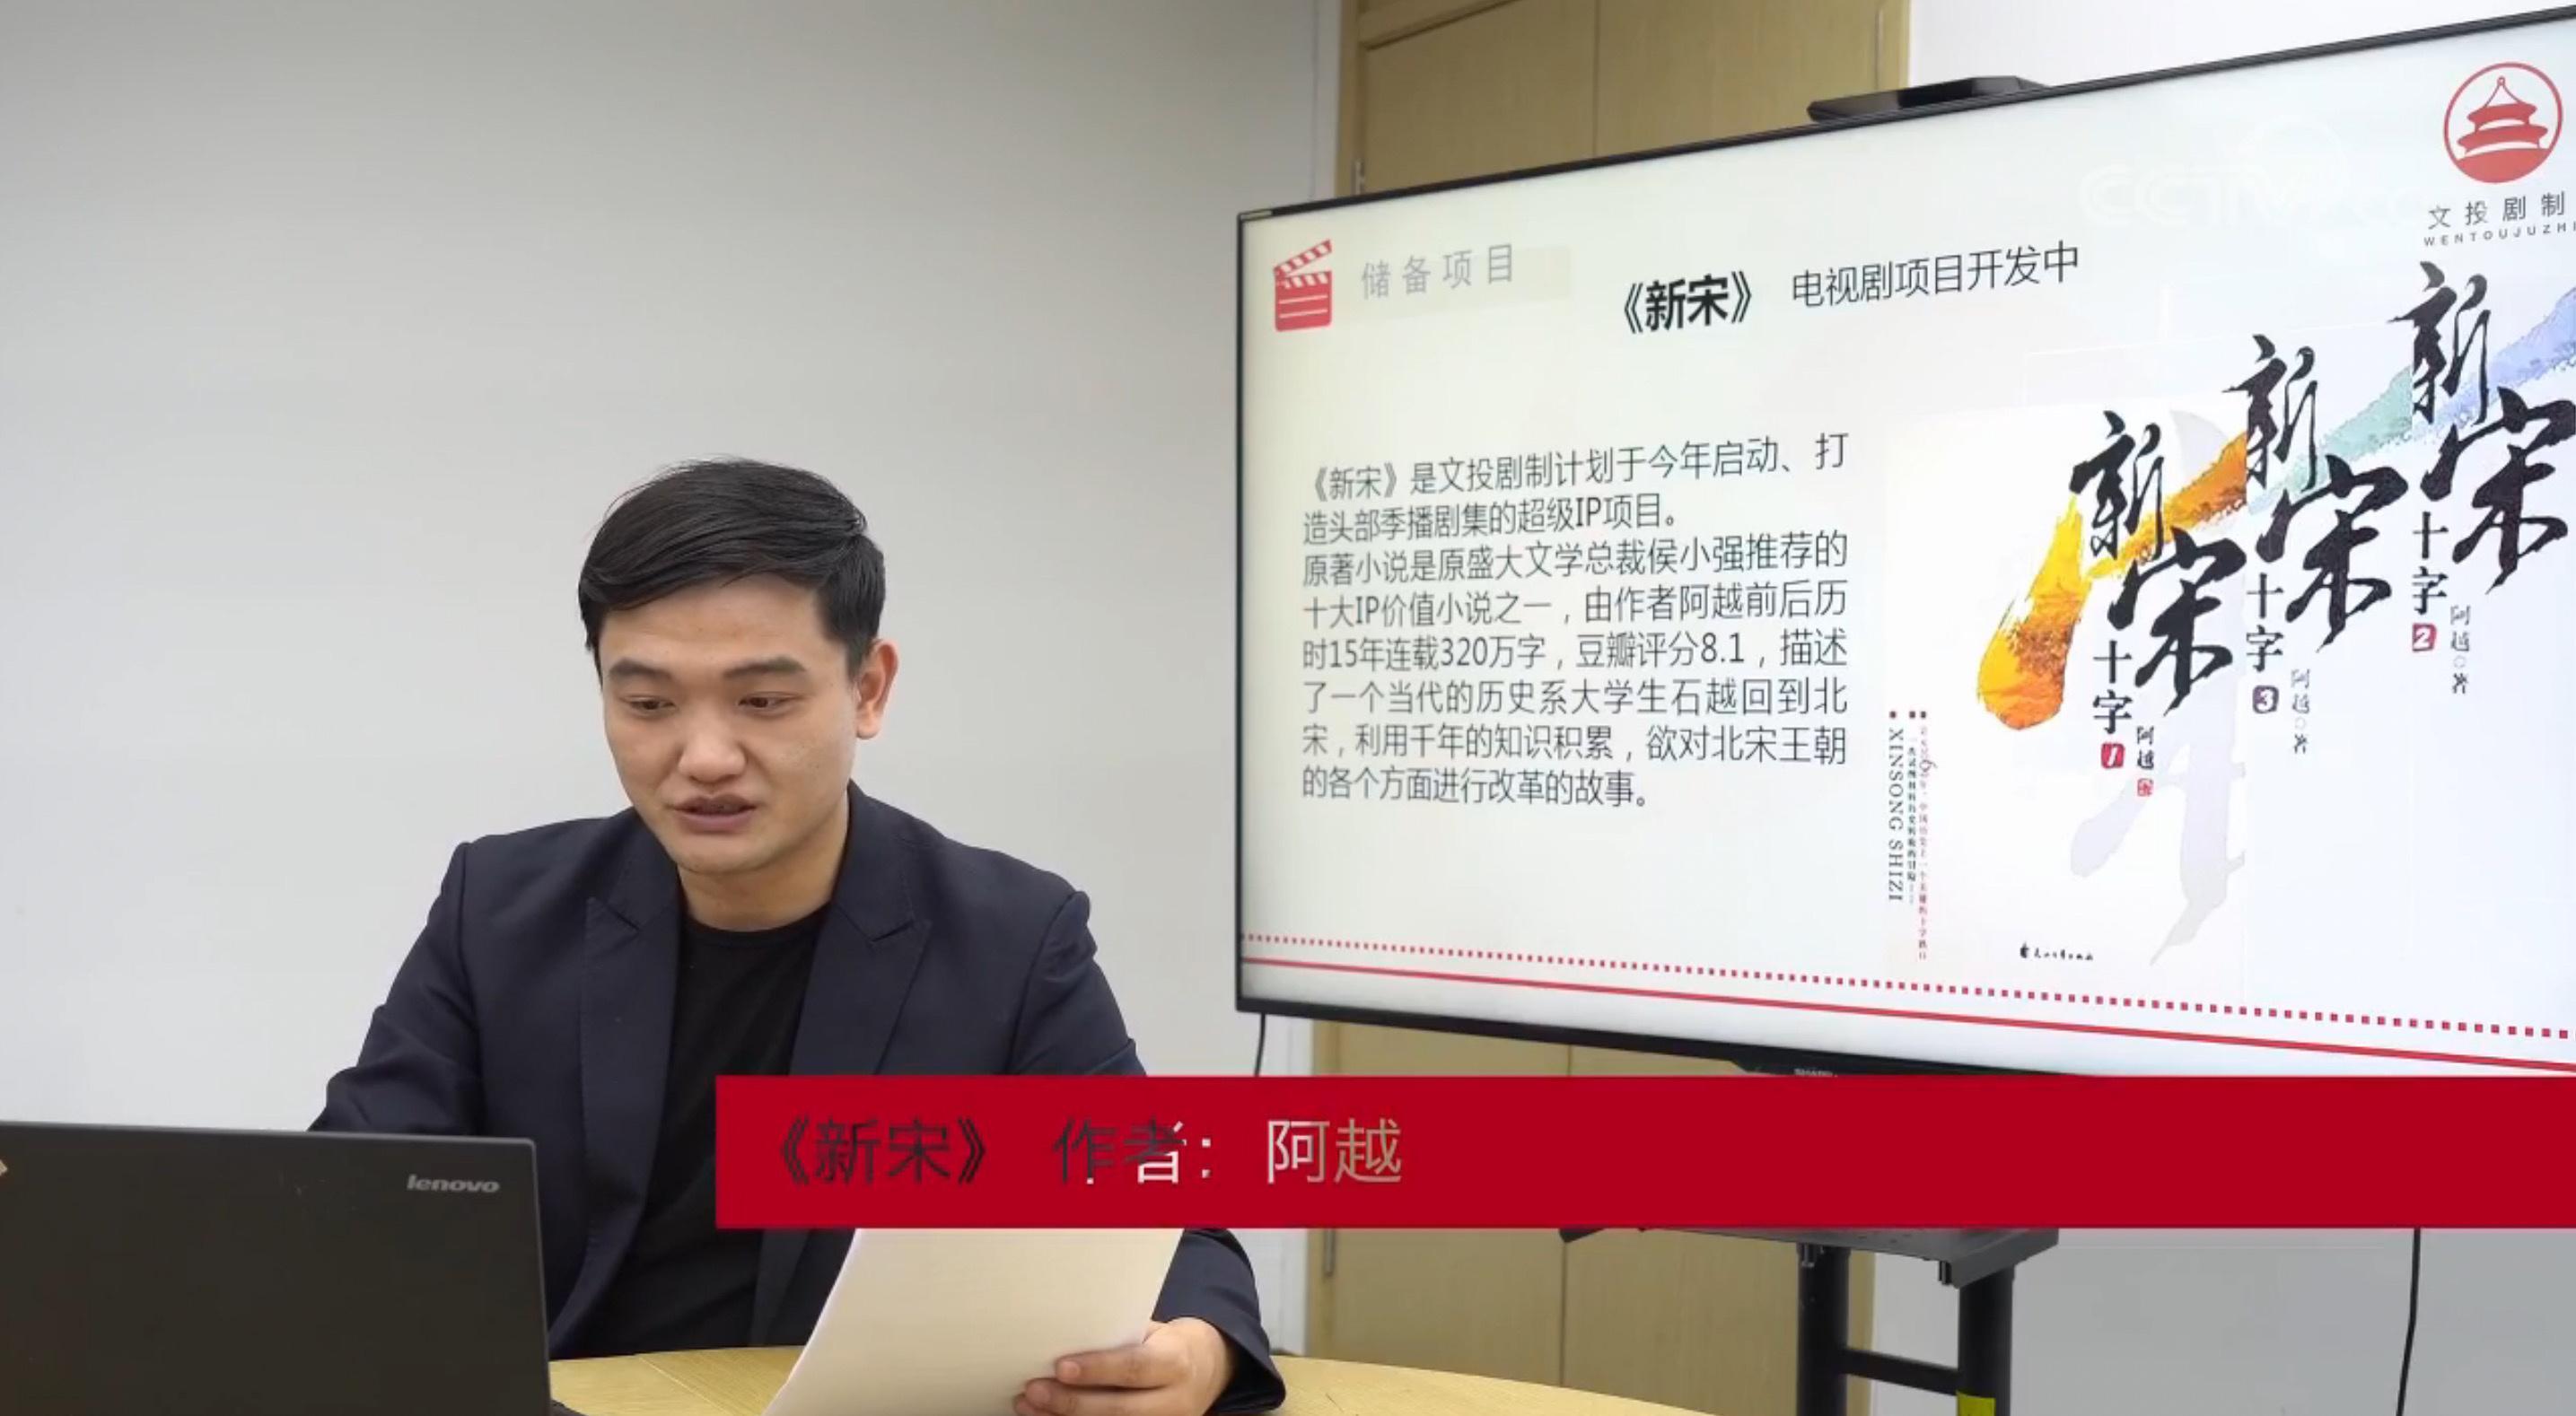 常州考试培训网:阿越小说《新宋》将拍剧 冯绍峰新作献礼建党百年 第1张